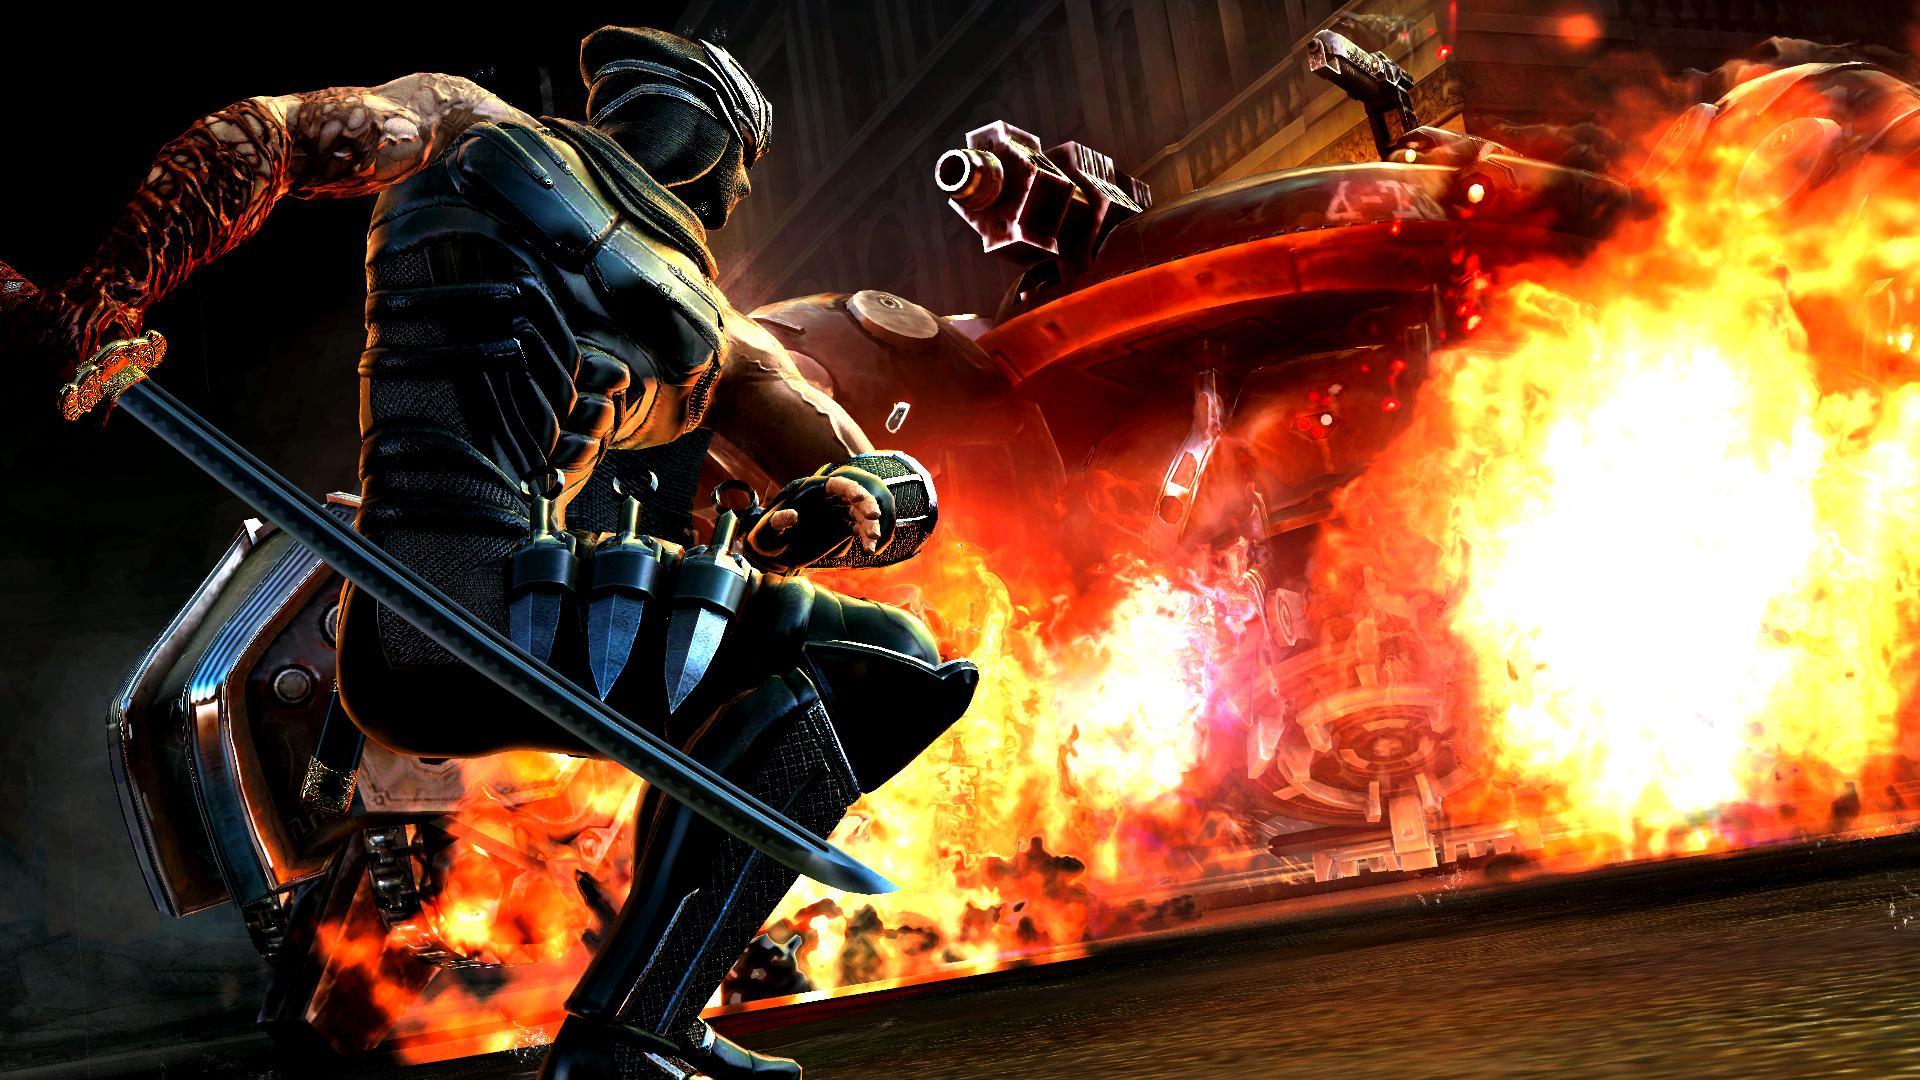 Ninja Gaiden 3 Tips And Boss Battle Guide Gamesradar